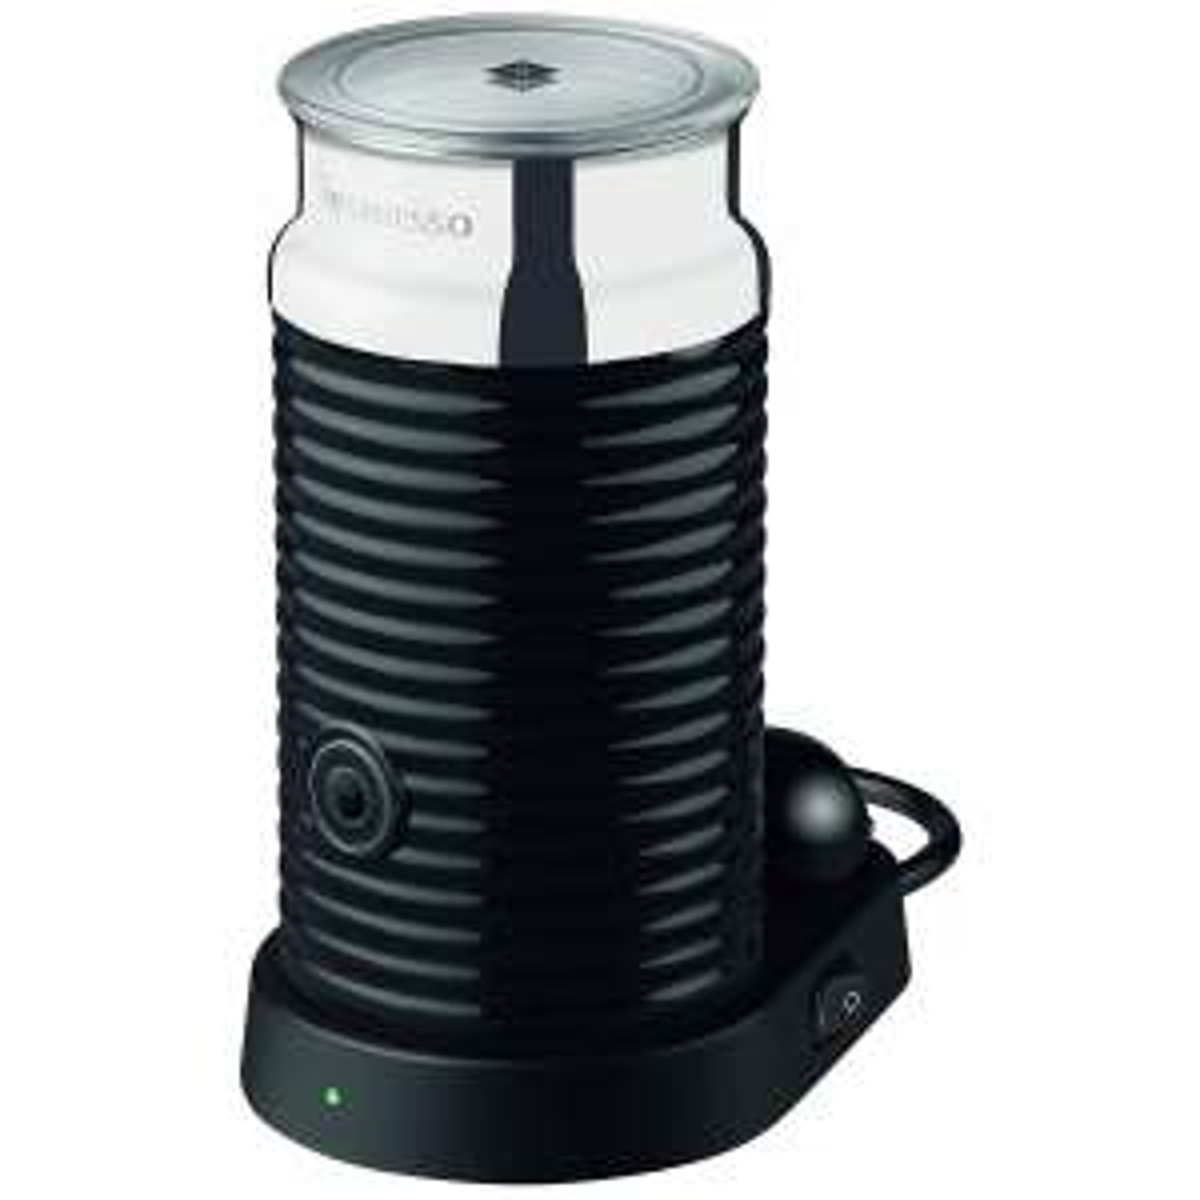 300 capsules achetés = Mousseur de lait Nespresso  Aeroccino 3 (Coloris Noir, Rouge, Blanc) - à 20€